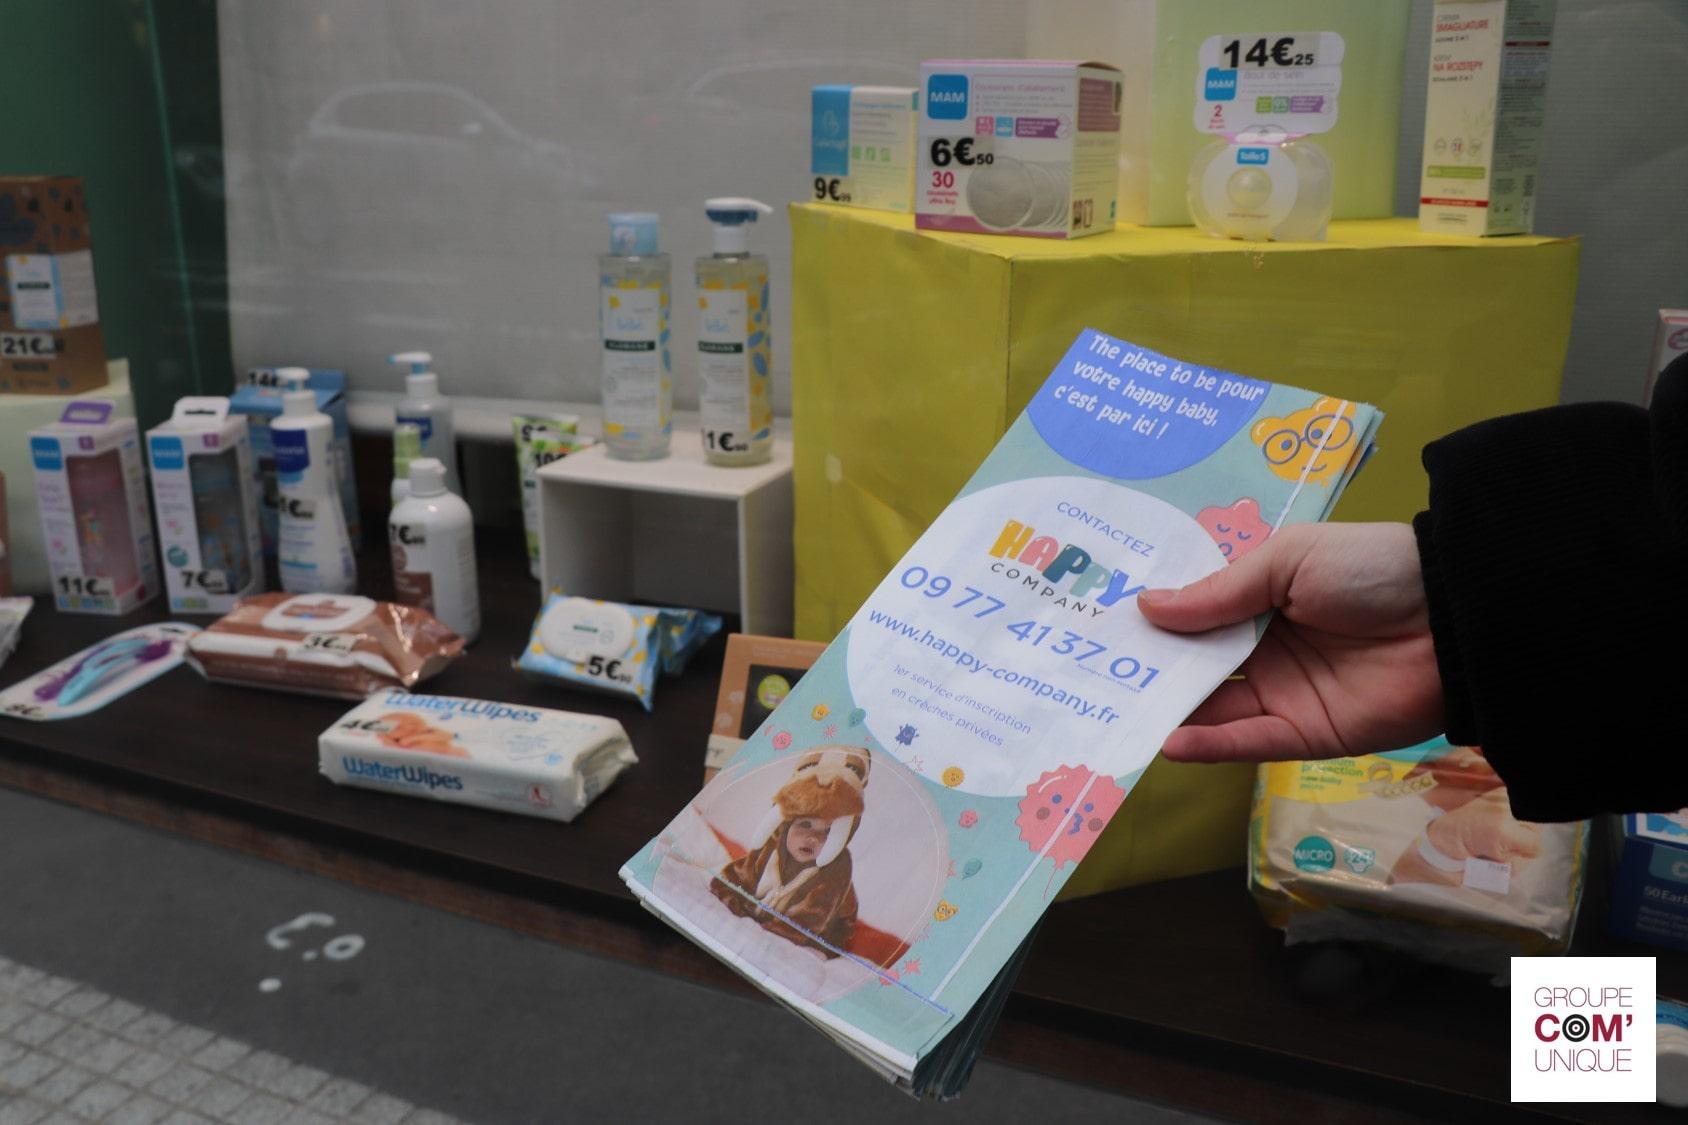 Crèche Happy Company - Campagne sac à pharmacie publicitaire - Groupe Com'Unique-min